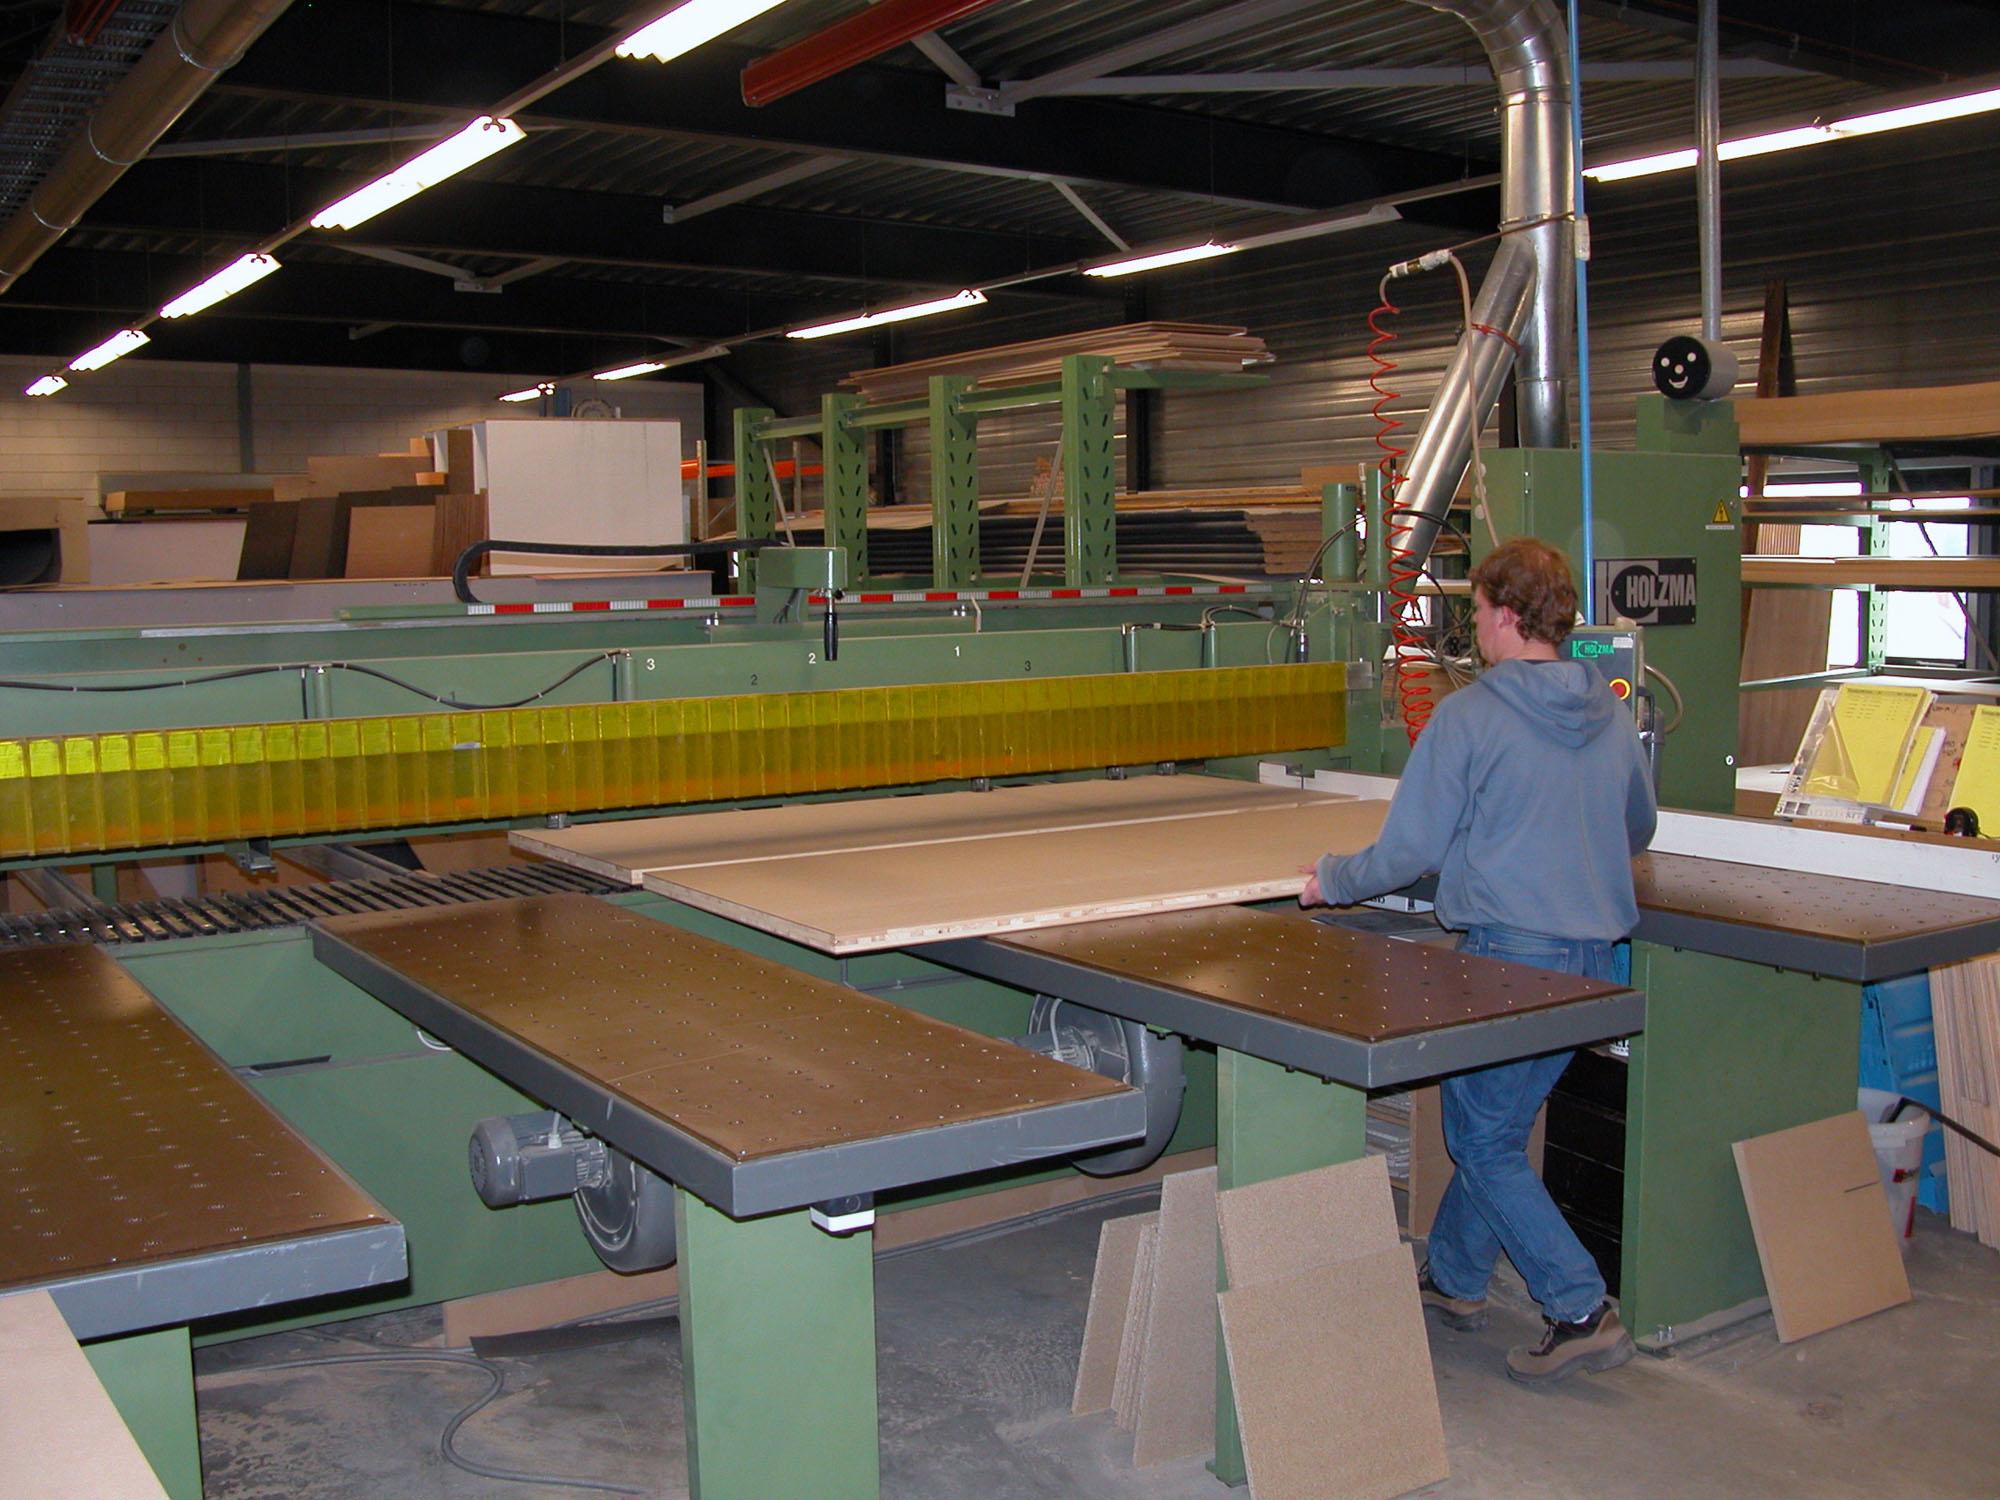 Voorzagen in de fabriek van Castelijn